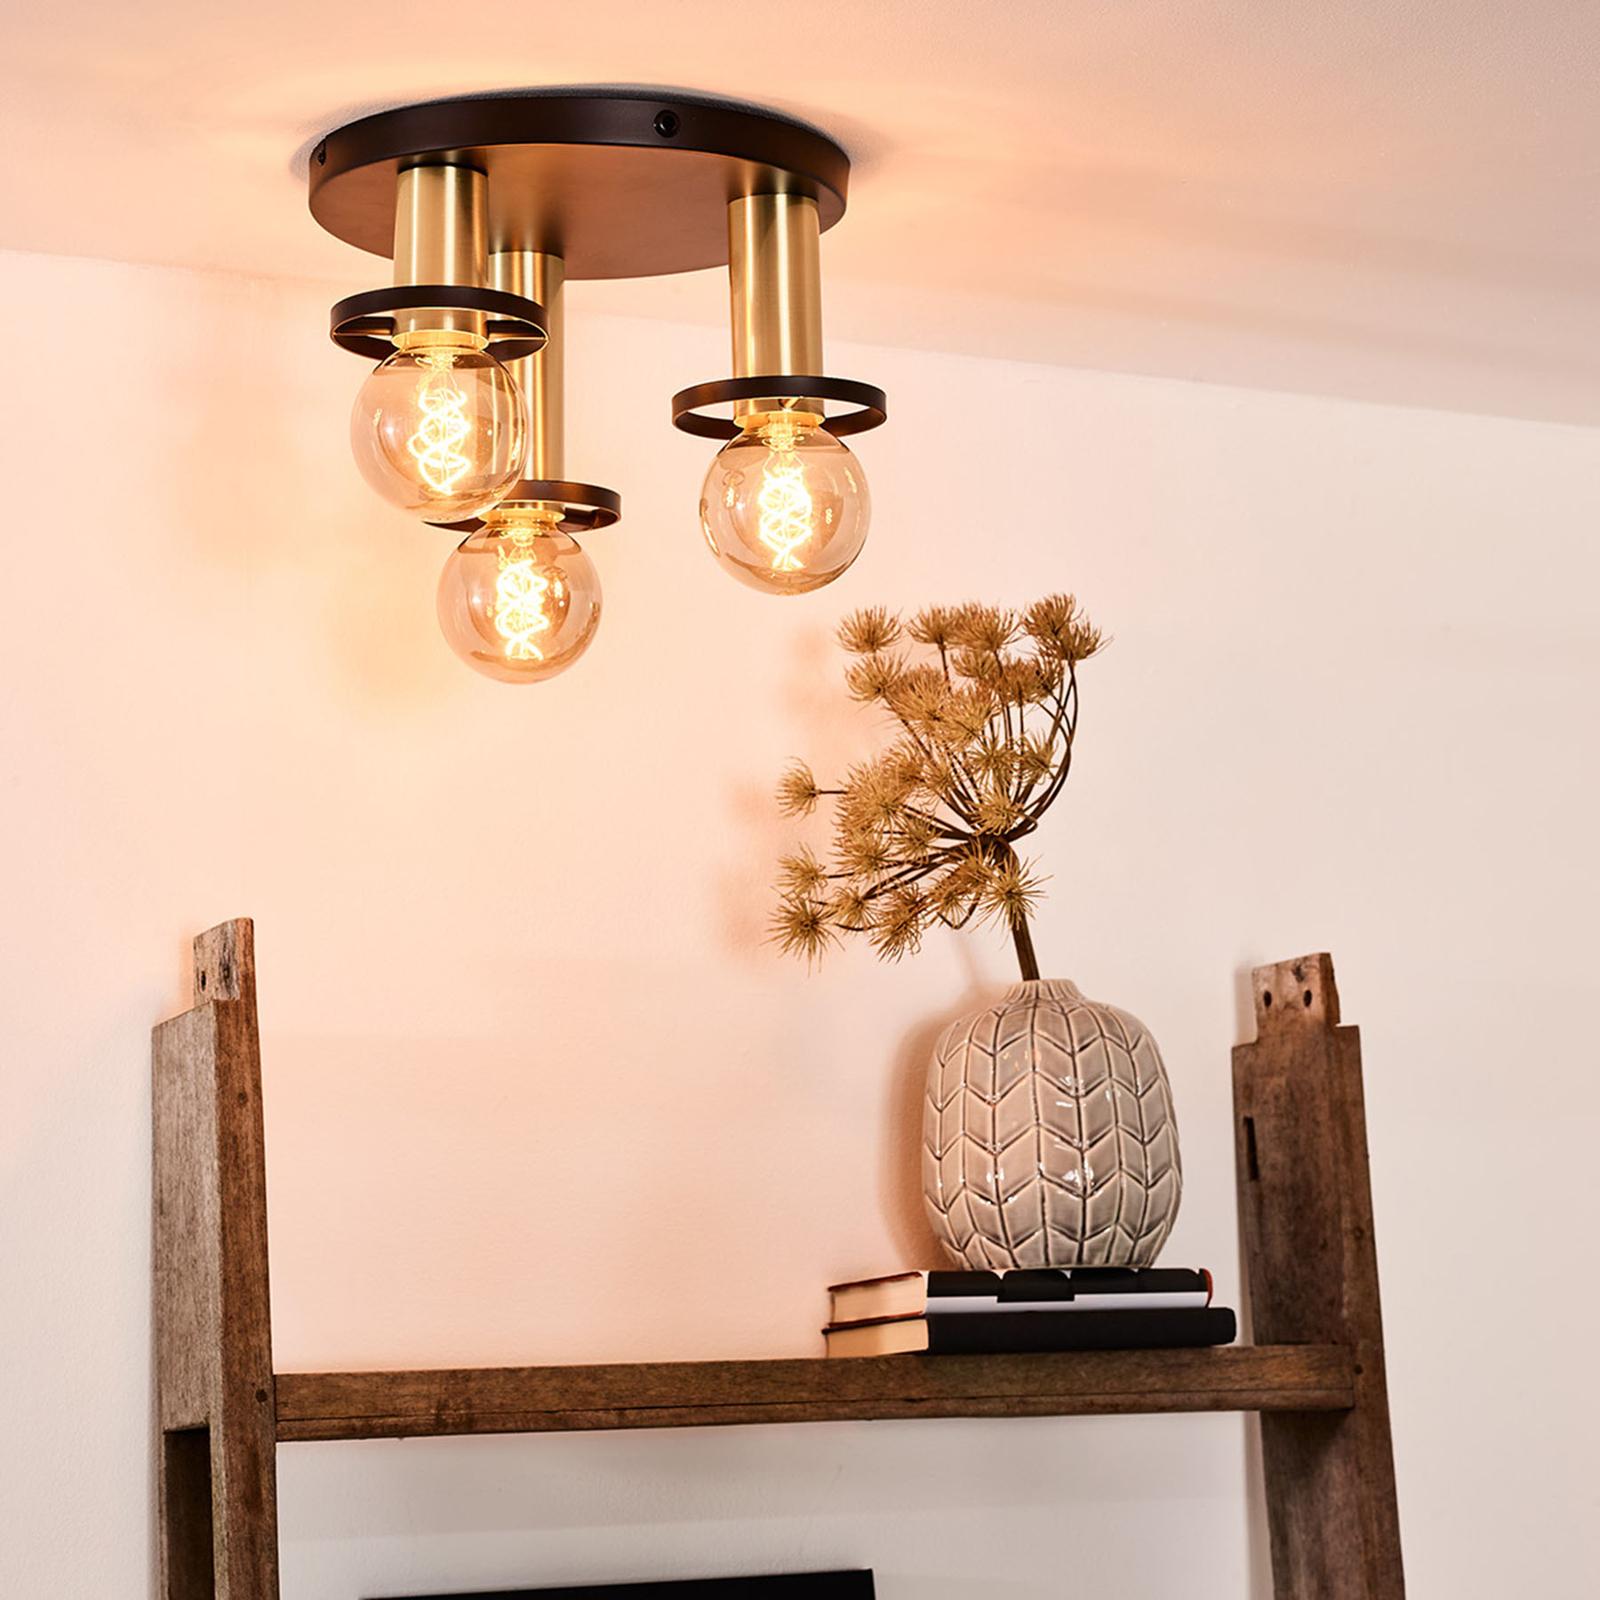 Kattovalaisin Anaka, 3-lamppuinen spottiplafondi